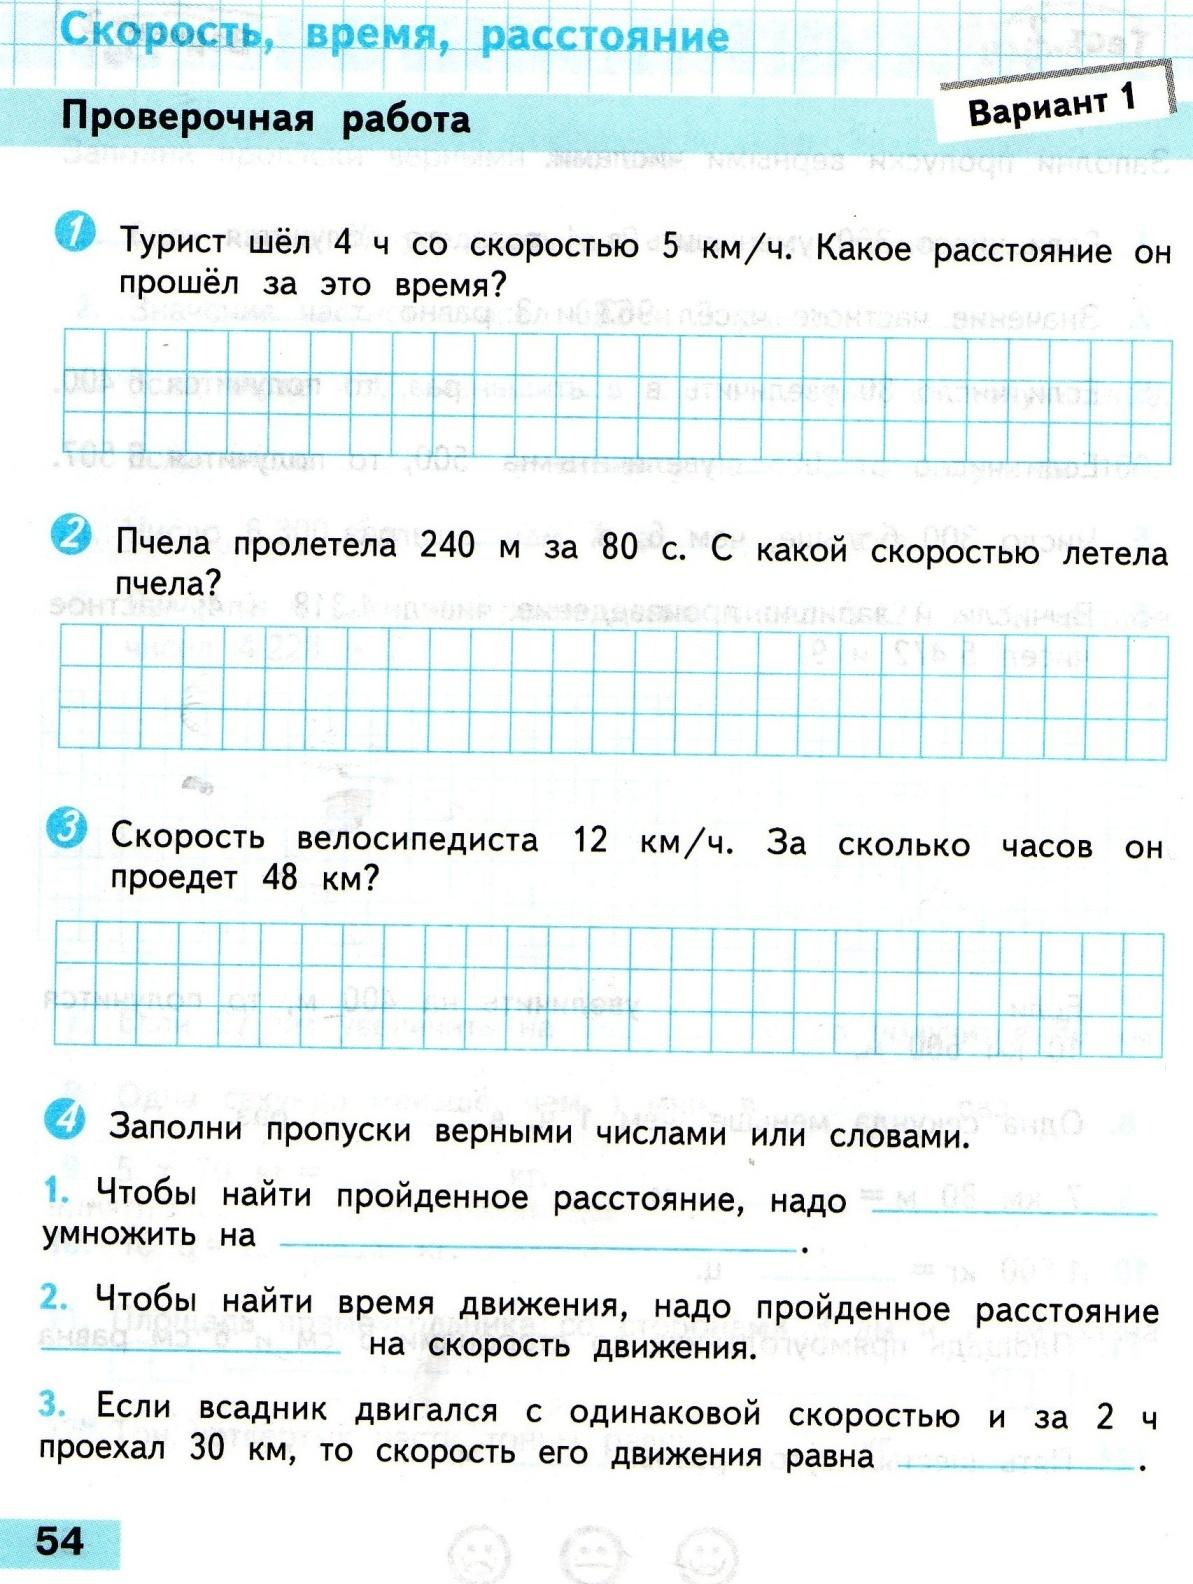 C:\Documents and Settings\Admin\Мои документы\Мои рисунки\1553.jpg